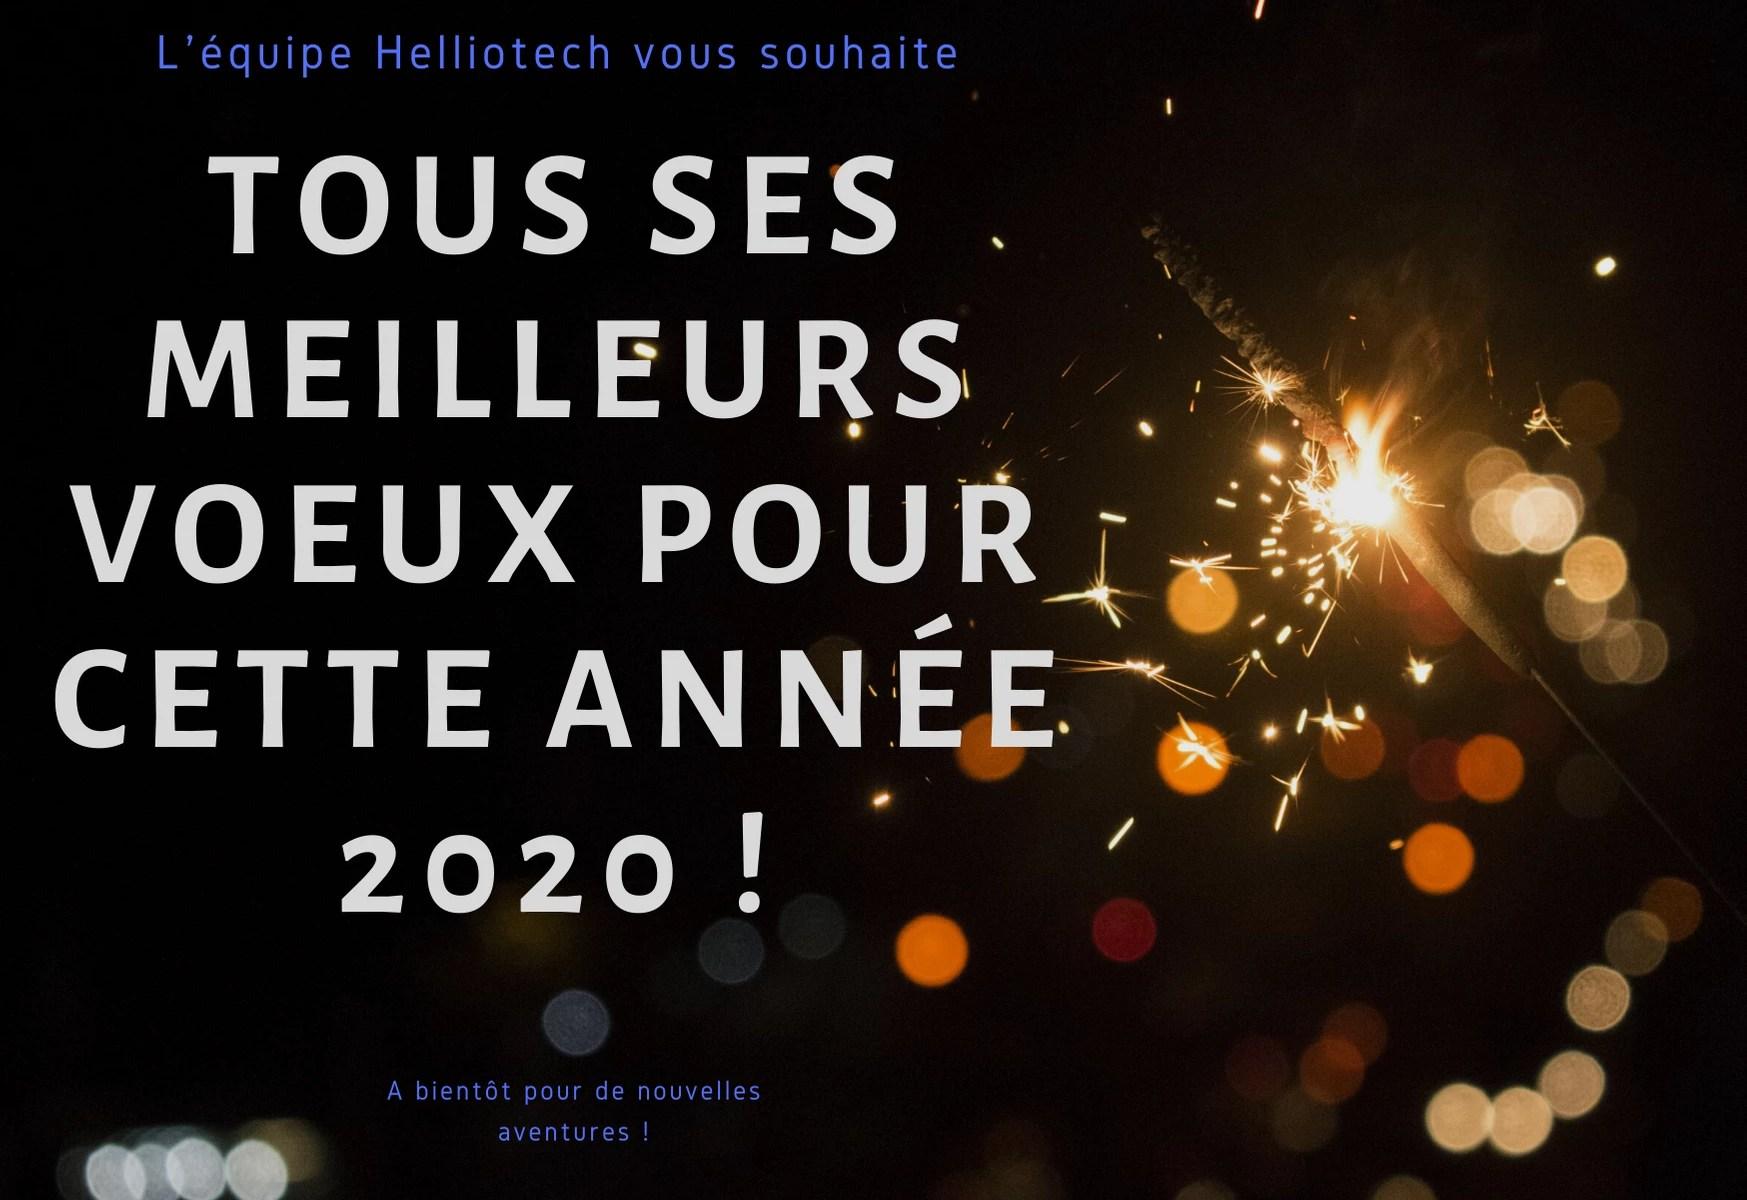 Tous nous vœux pour cette année 2020 ! 🎉✨ 1